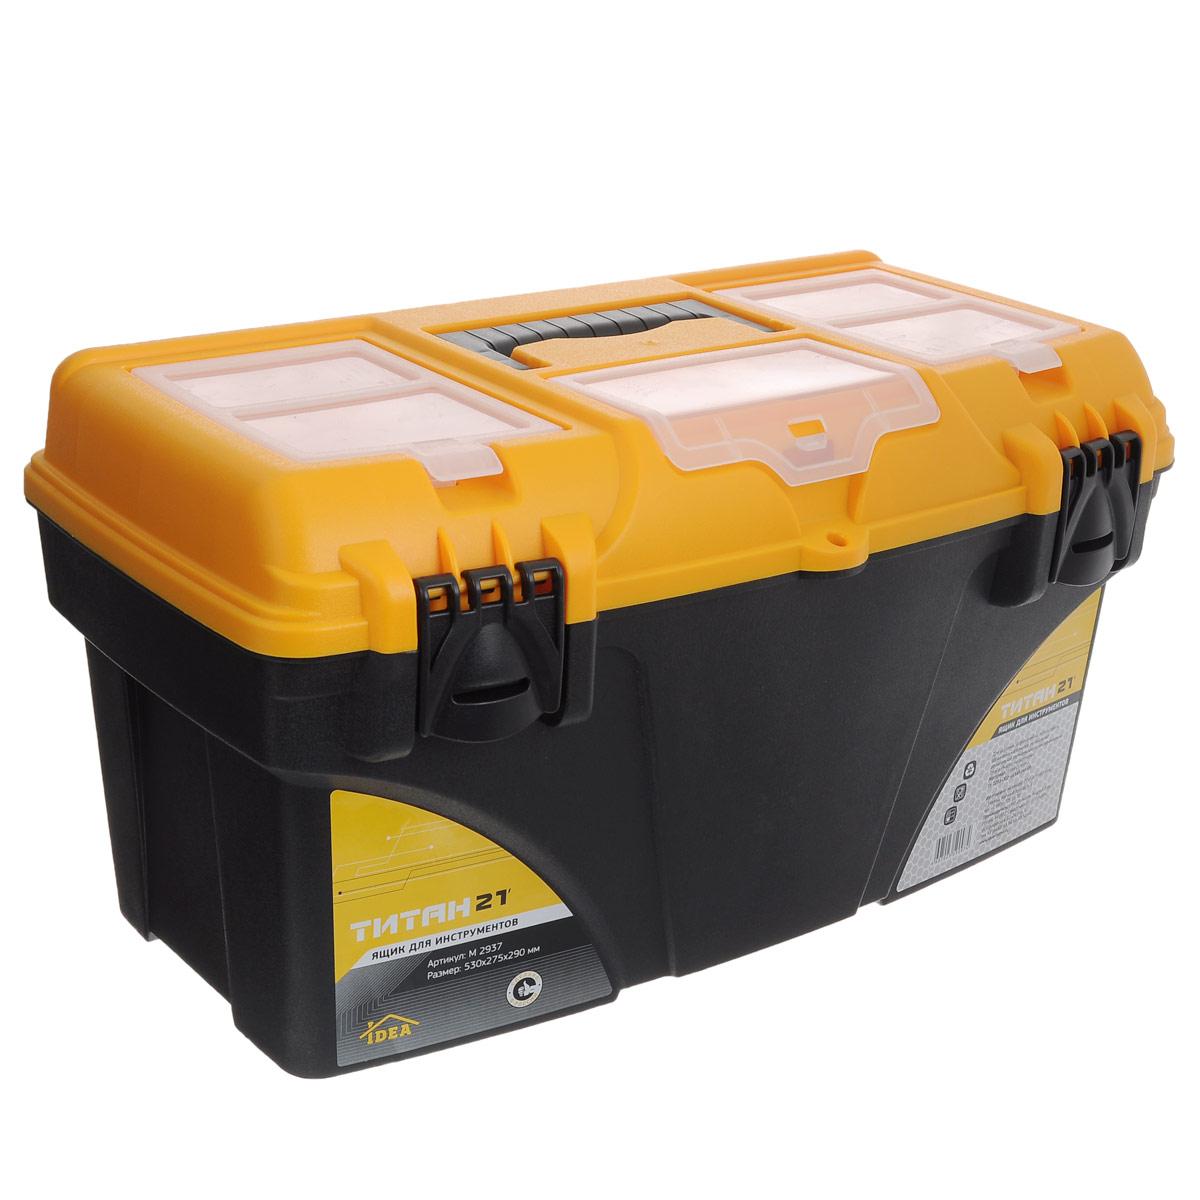 """Ящик для инструментов Idea """"Титан 21"""", с органайзером, 53 х 27,5 х 29 см Idea (М-пластика) М 2937"""